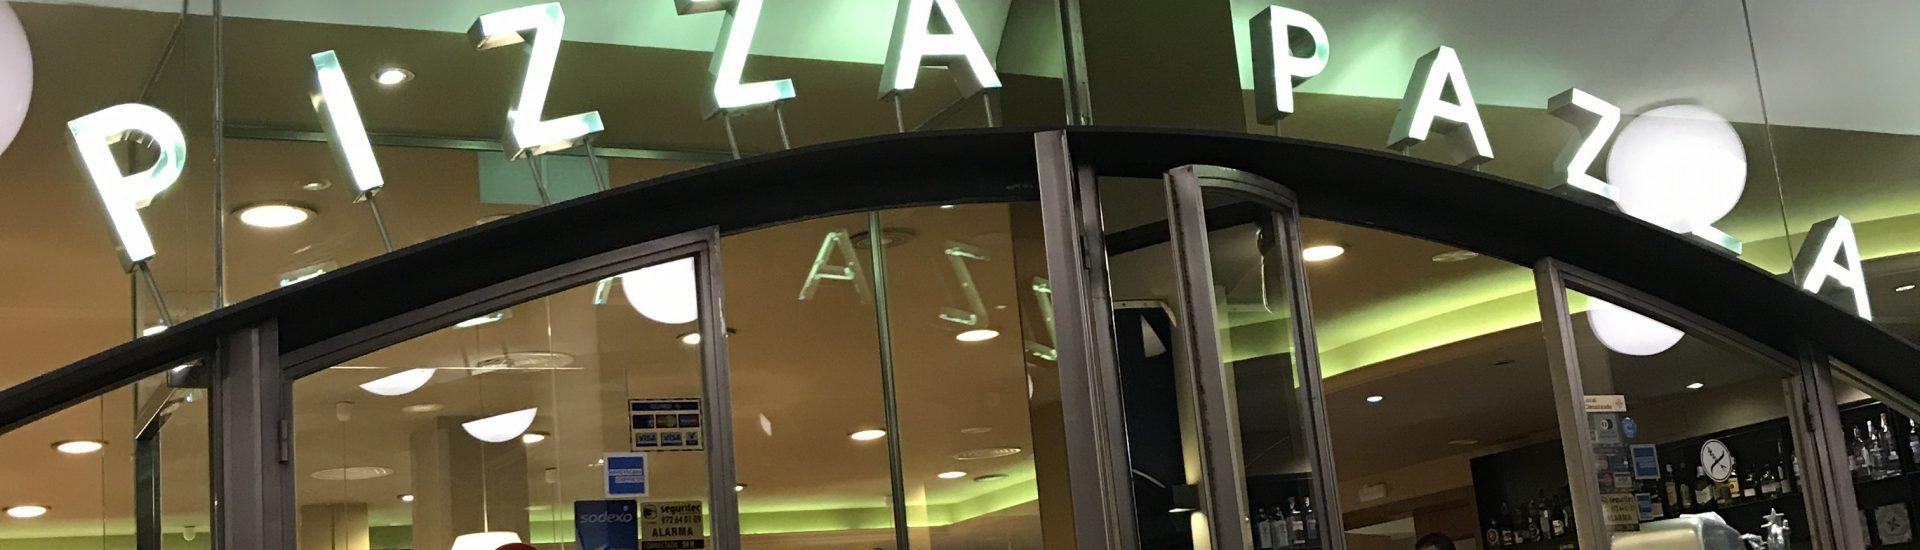 Pizza Pazza L'Escala